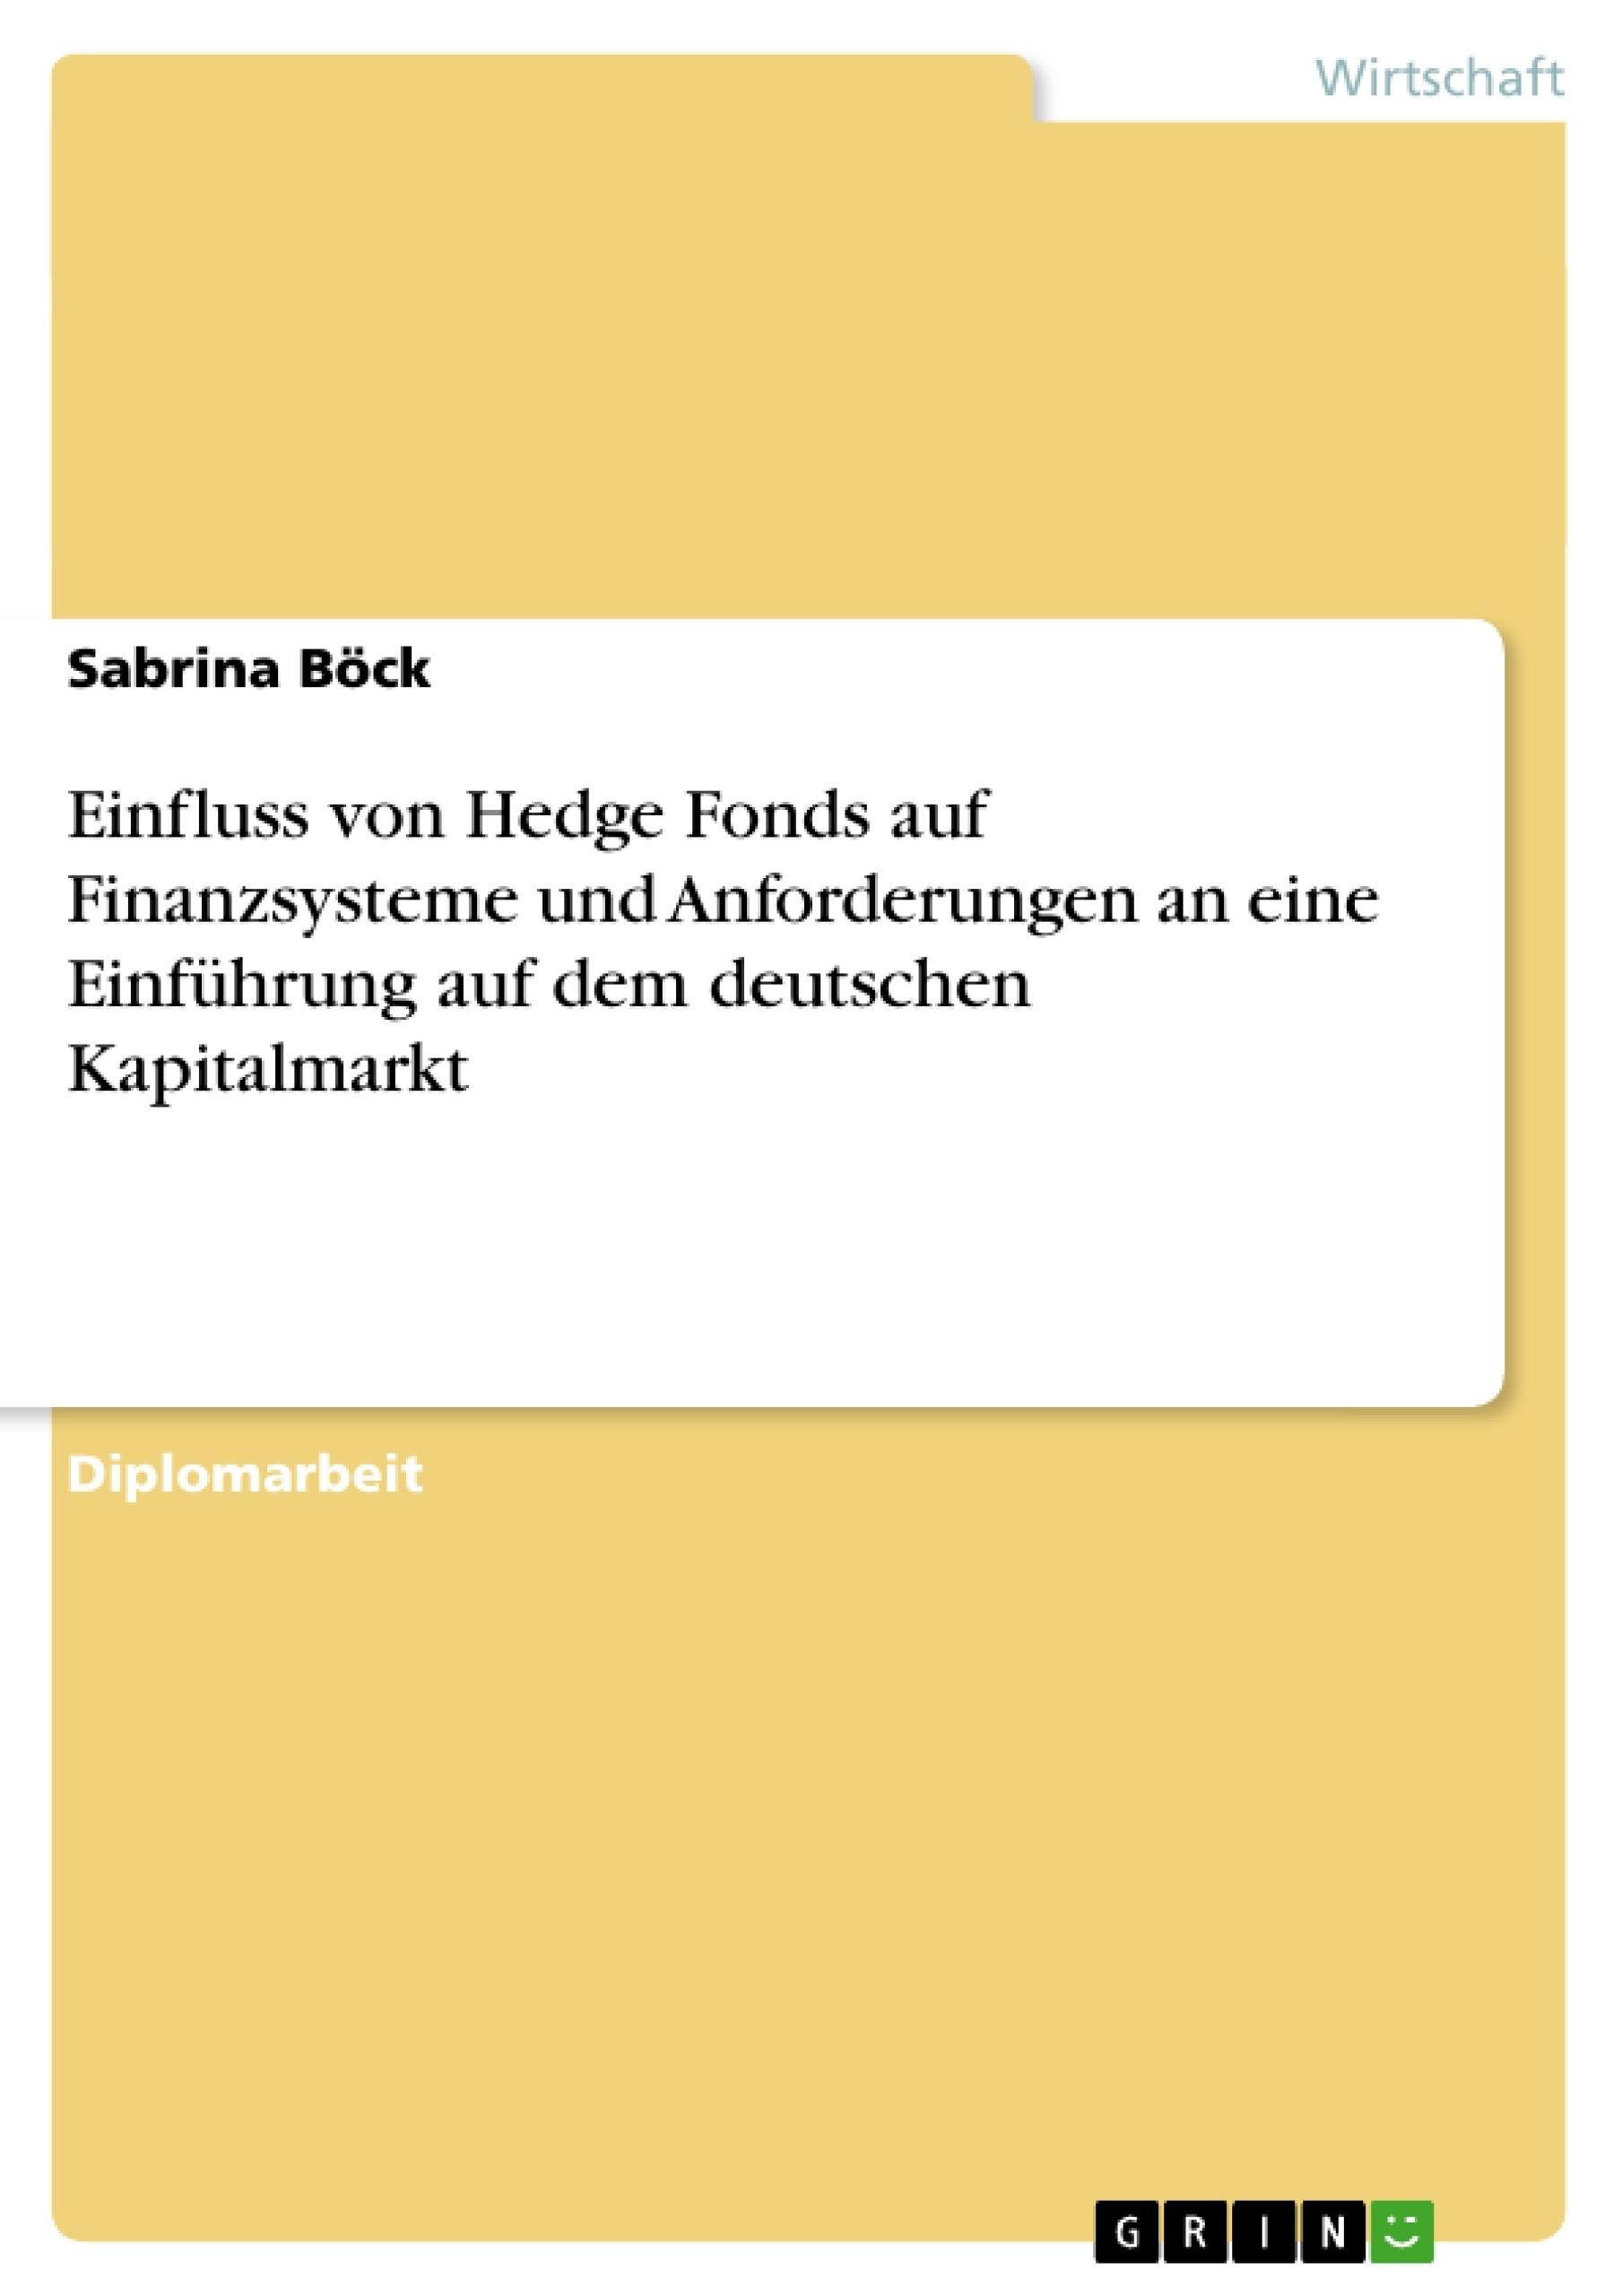 Titel: Einfluss von Hedge Fonds auf Finanzsysteme und Anforderungen an eine Einführung auf dem deutschen Kapitalmarkt